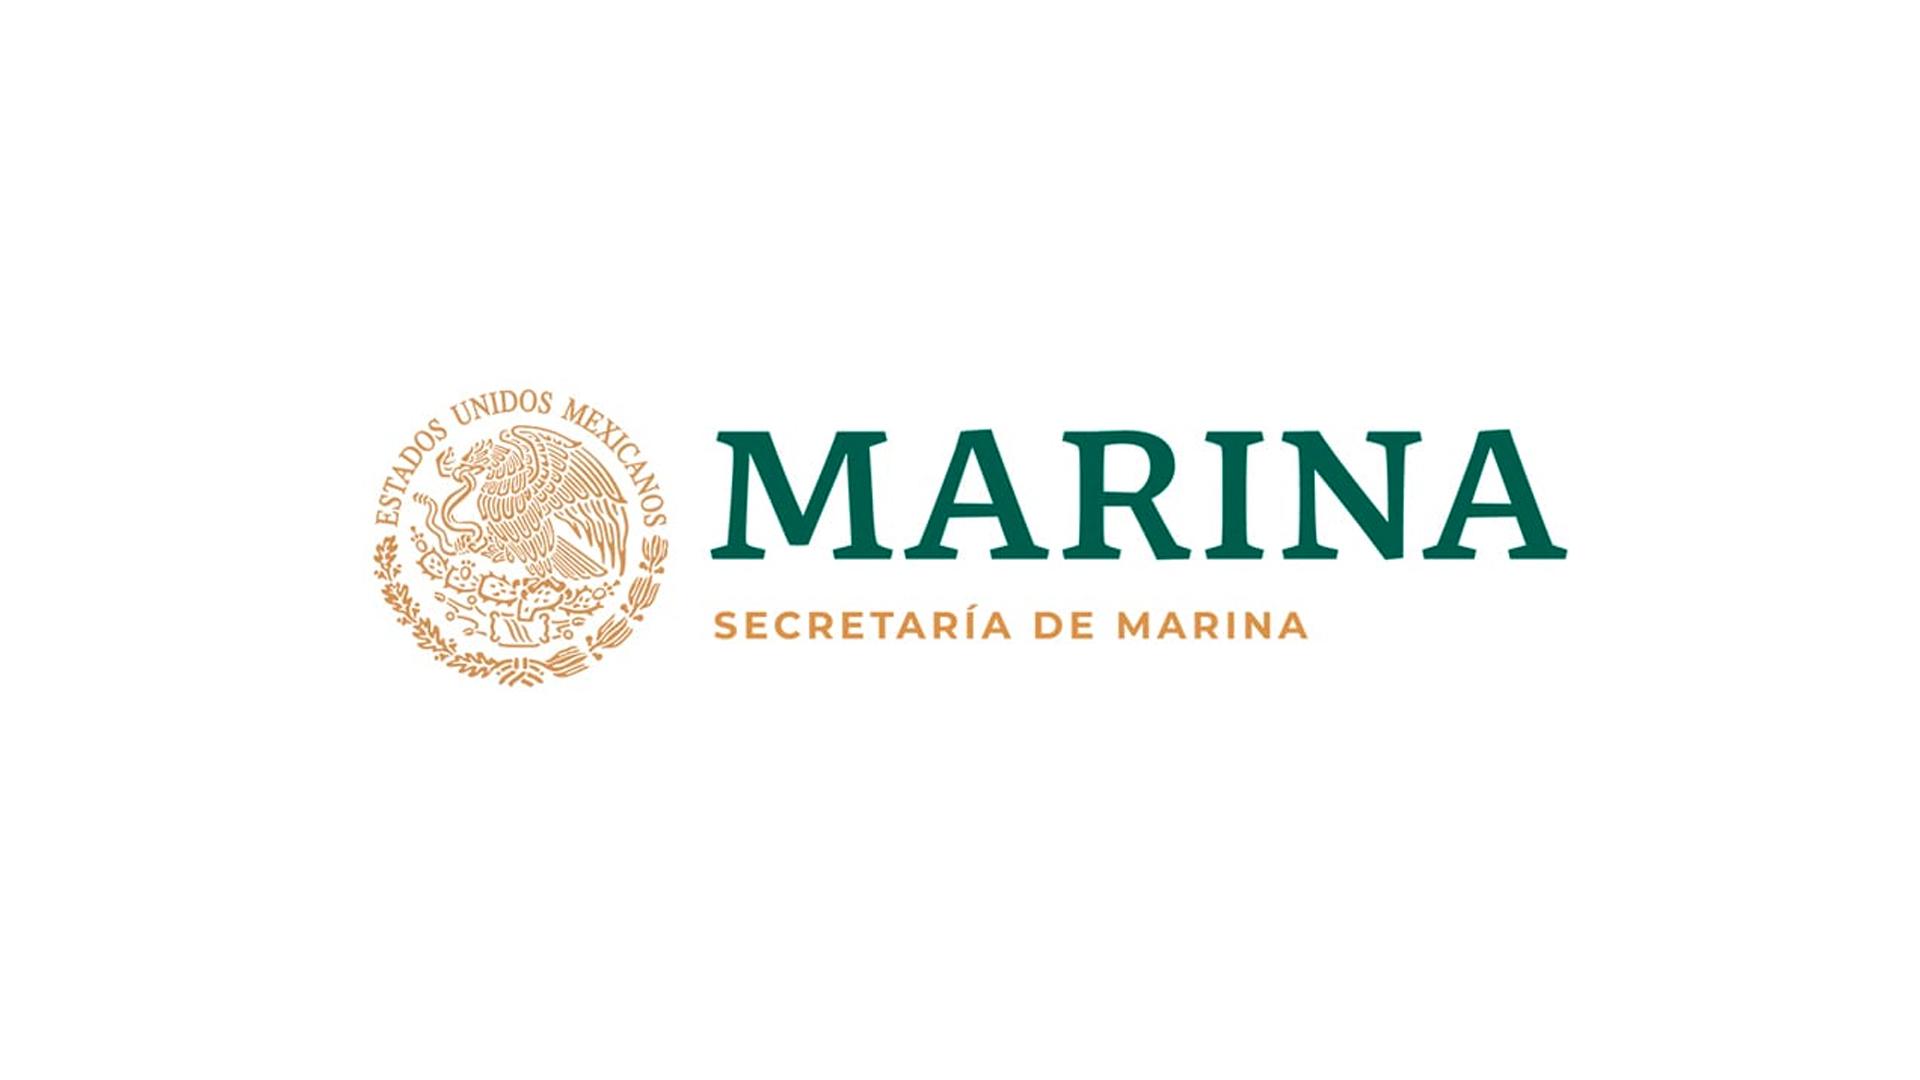 Escudo nacional de color oro, al lado derecho la leyenda en color verde y en la parte de abajo dice secretaría de marina en color oro